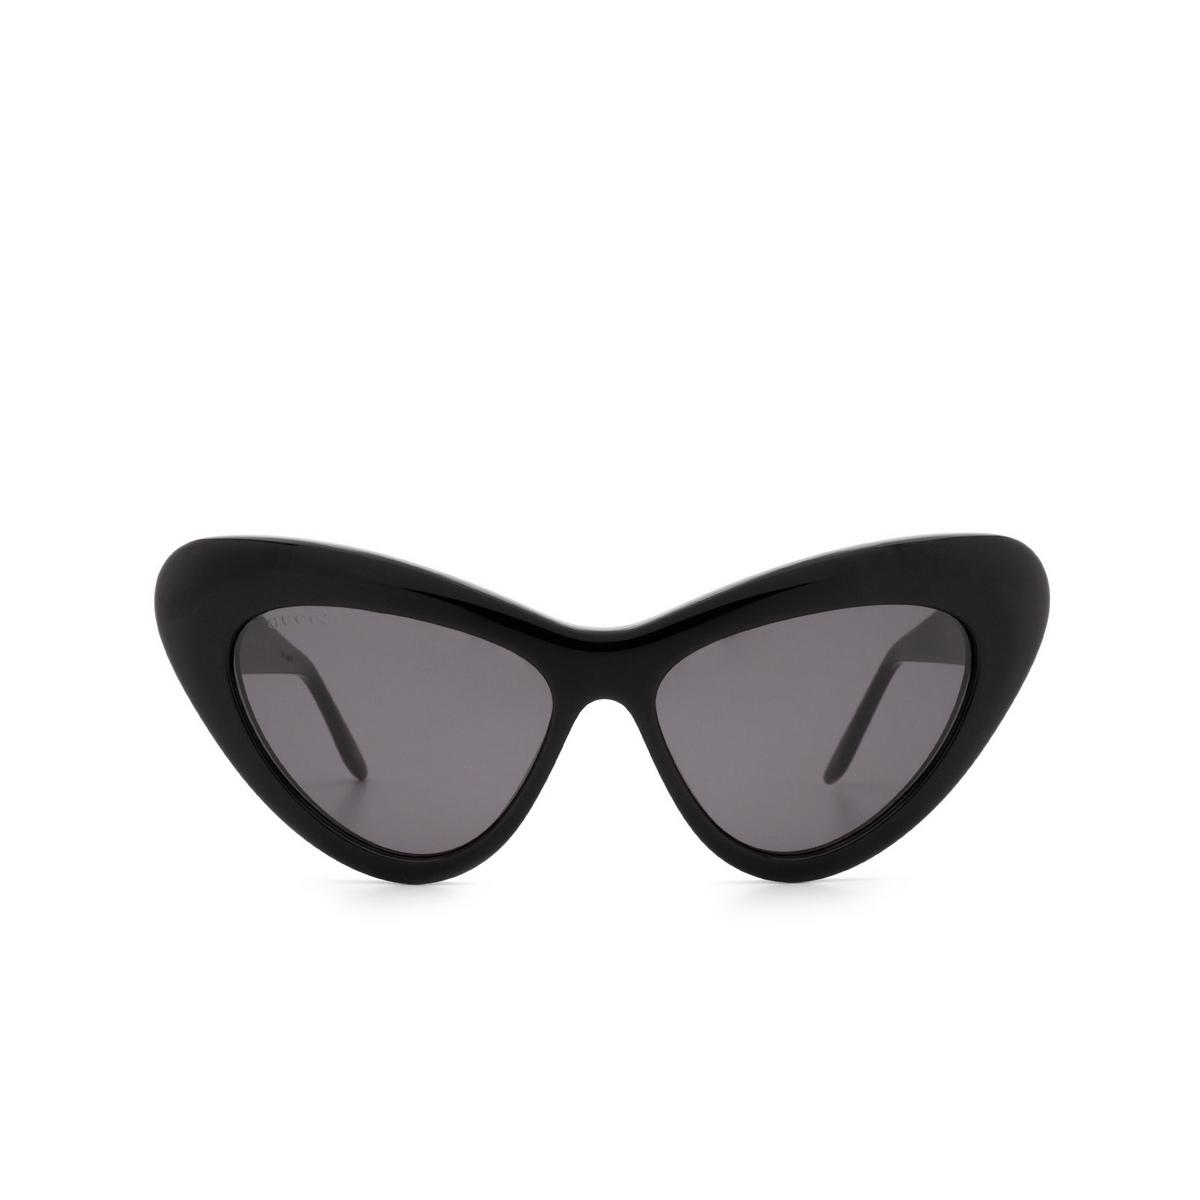 Gucci® Cat-eye Sunglasses: GG0895S color Black 001 - 1/3.